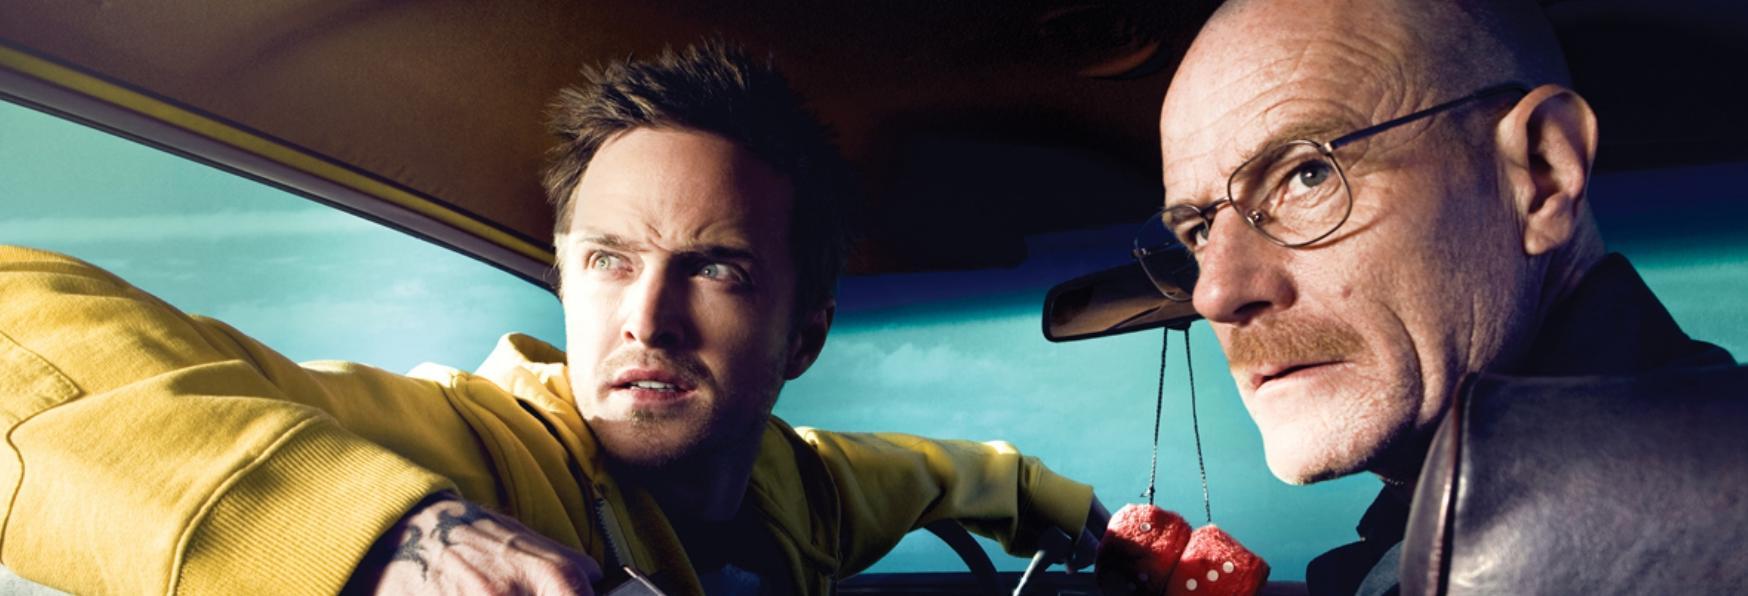 Breaking Bad: gli Attori pubblicano una Criptica Immagine di Due Asini. Cosa c'è sotto?